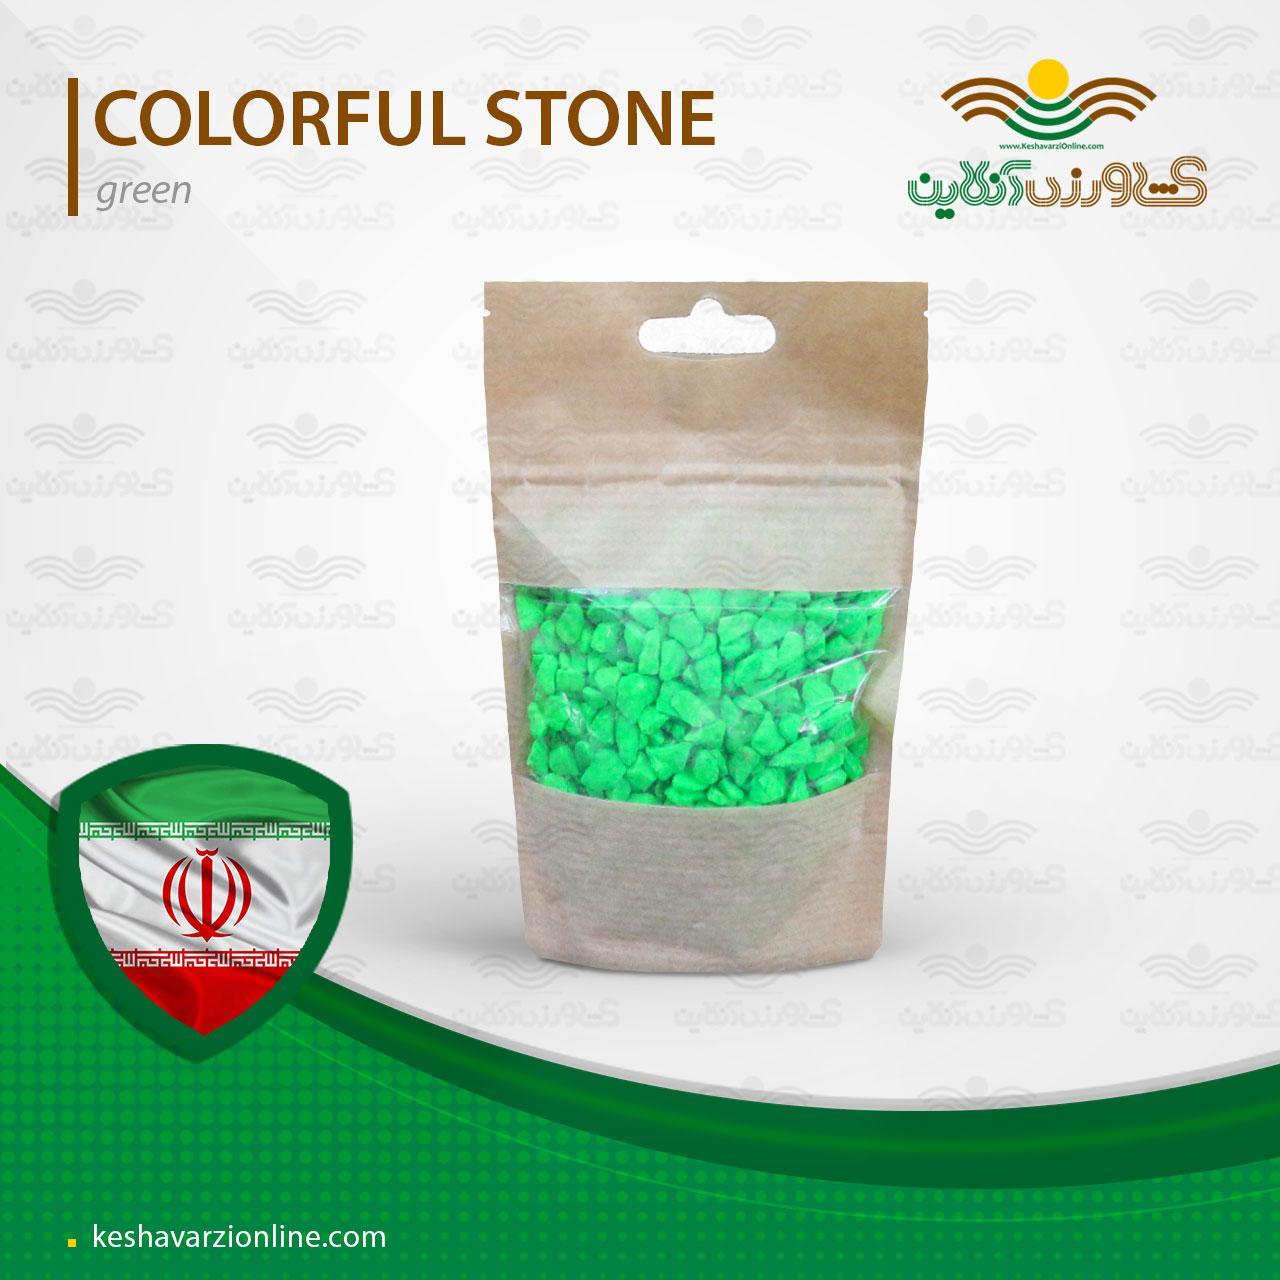 سنگ رنگی سبز مخصوص کودک